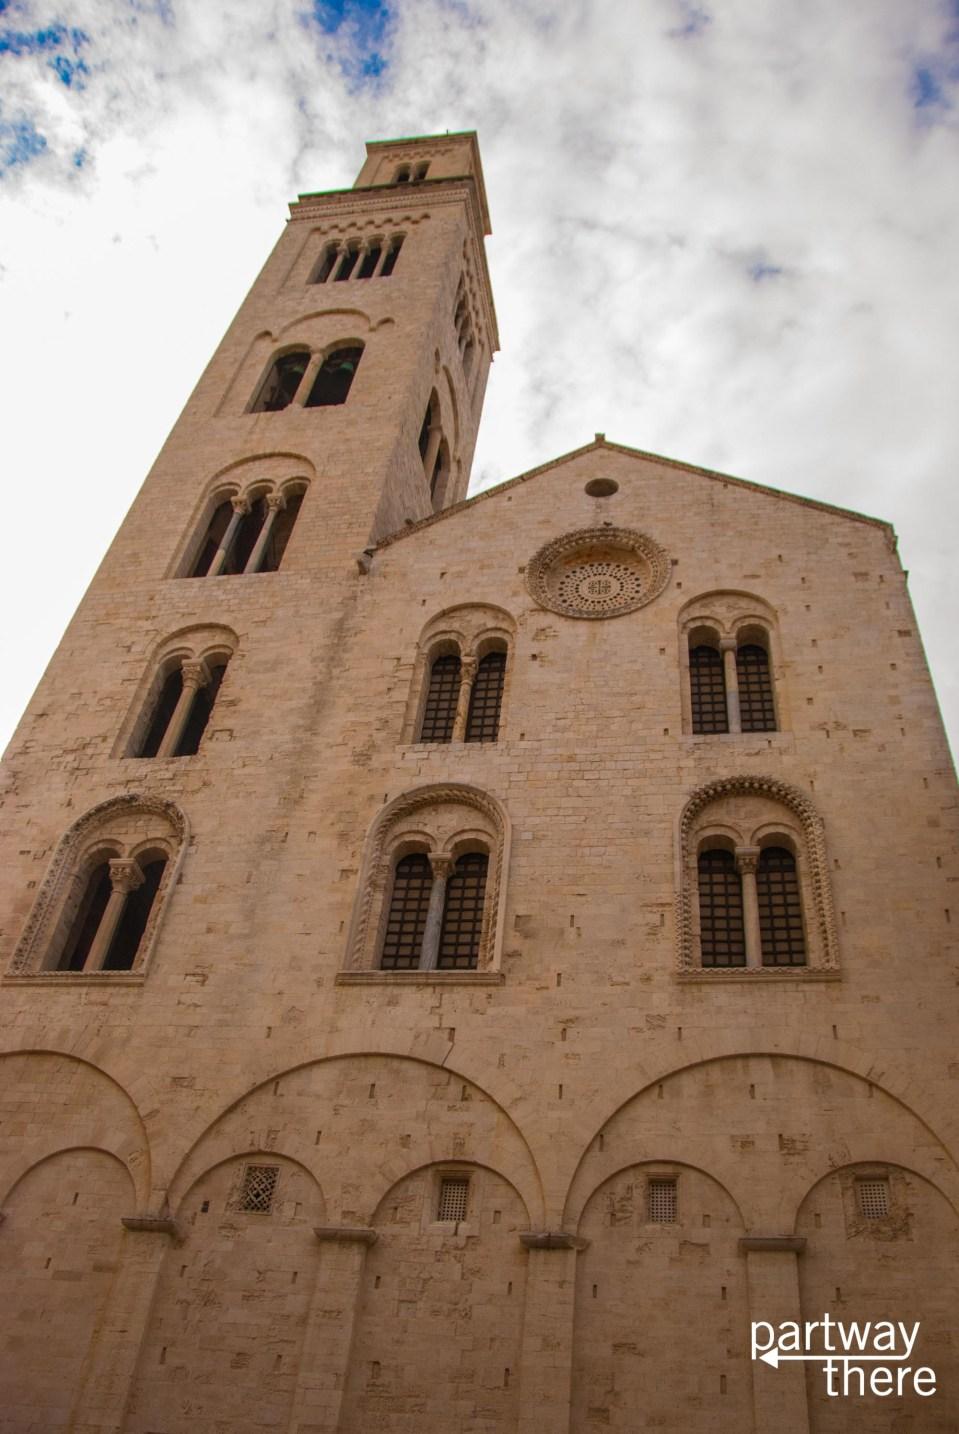 The main church in Bari